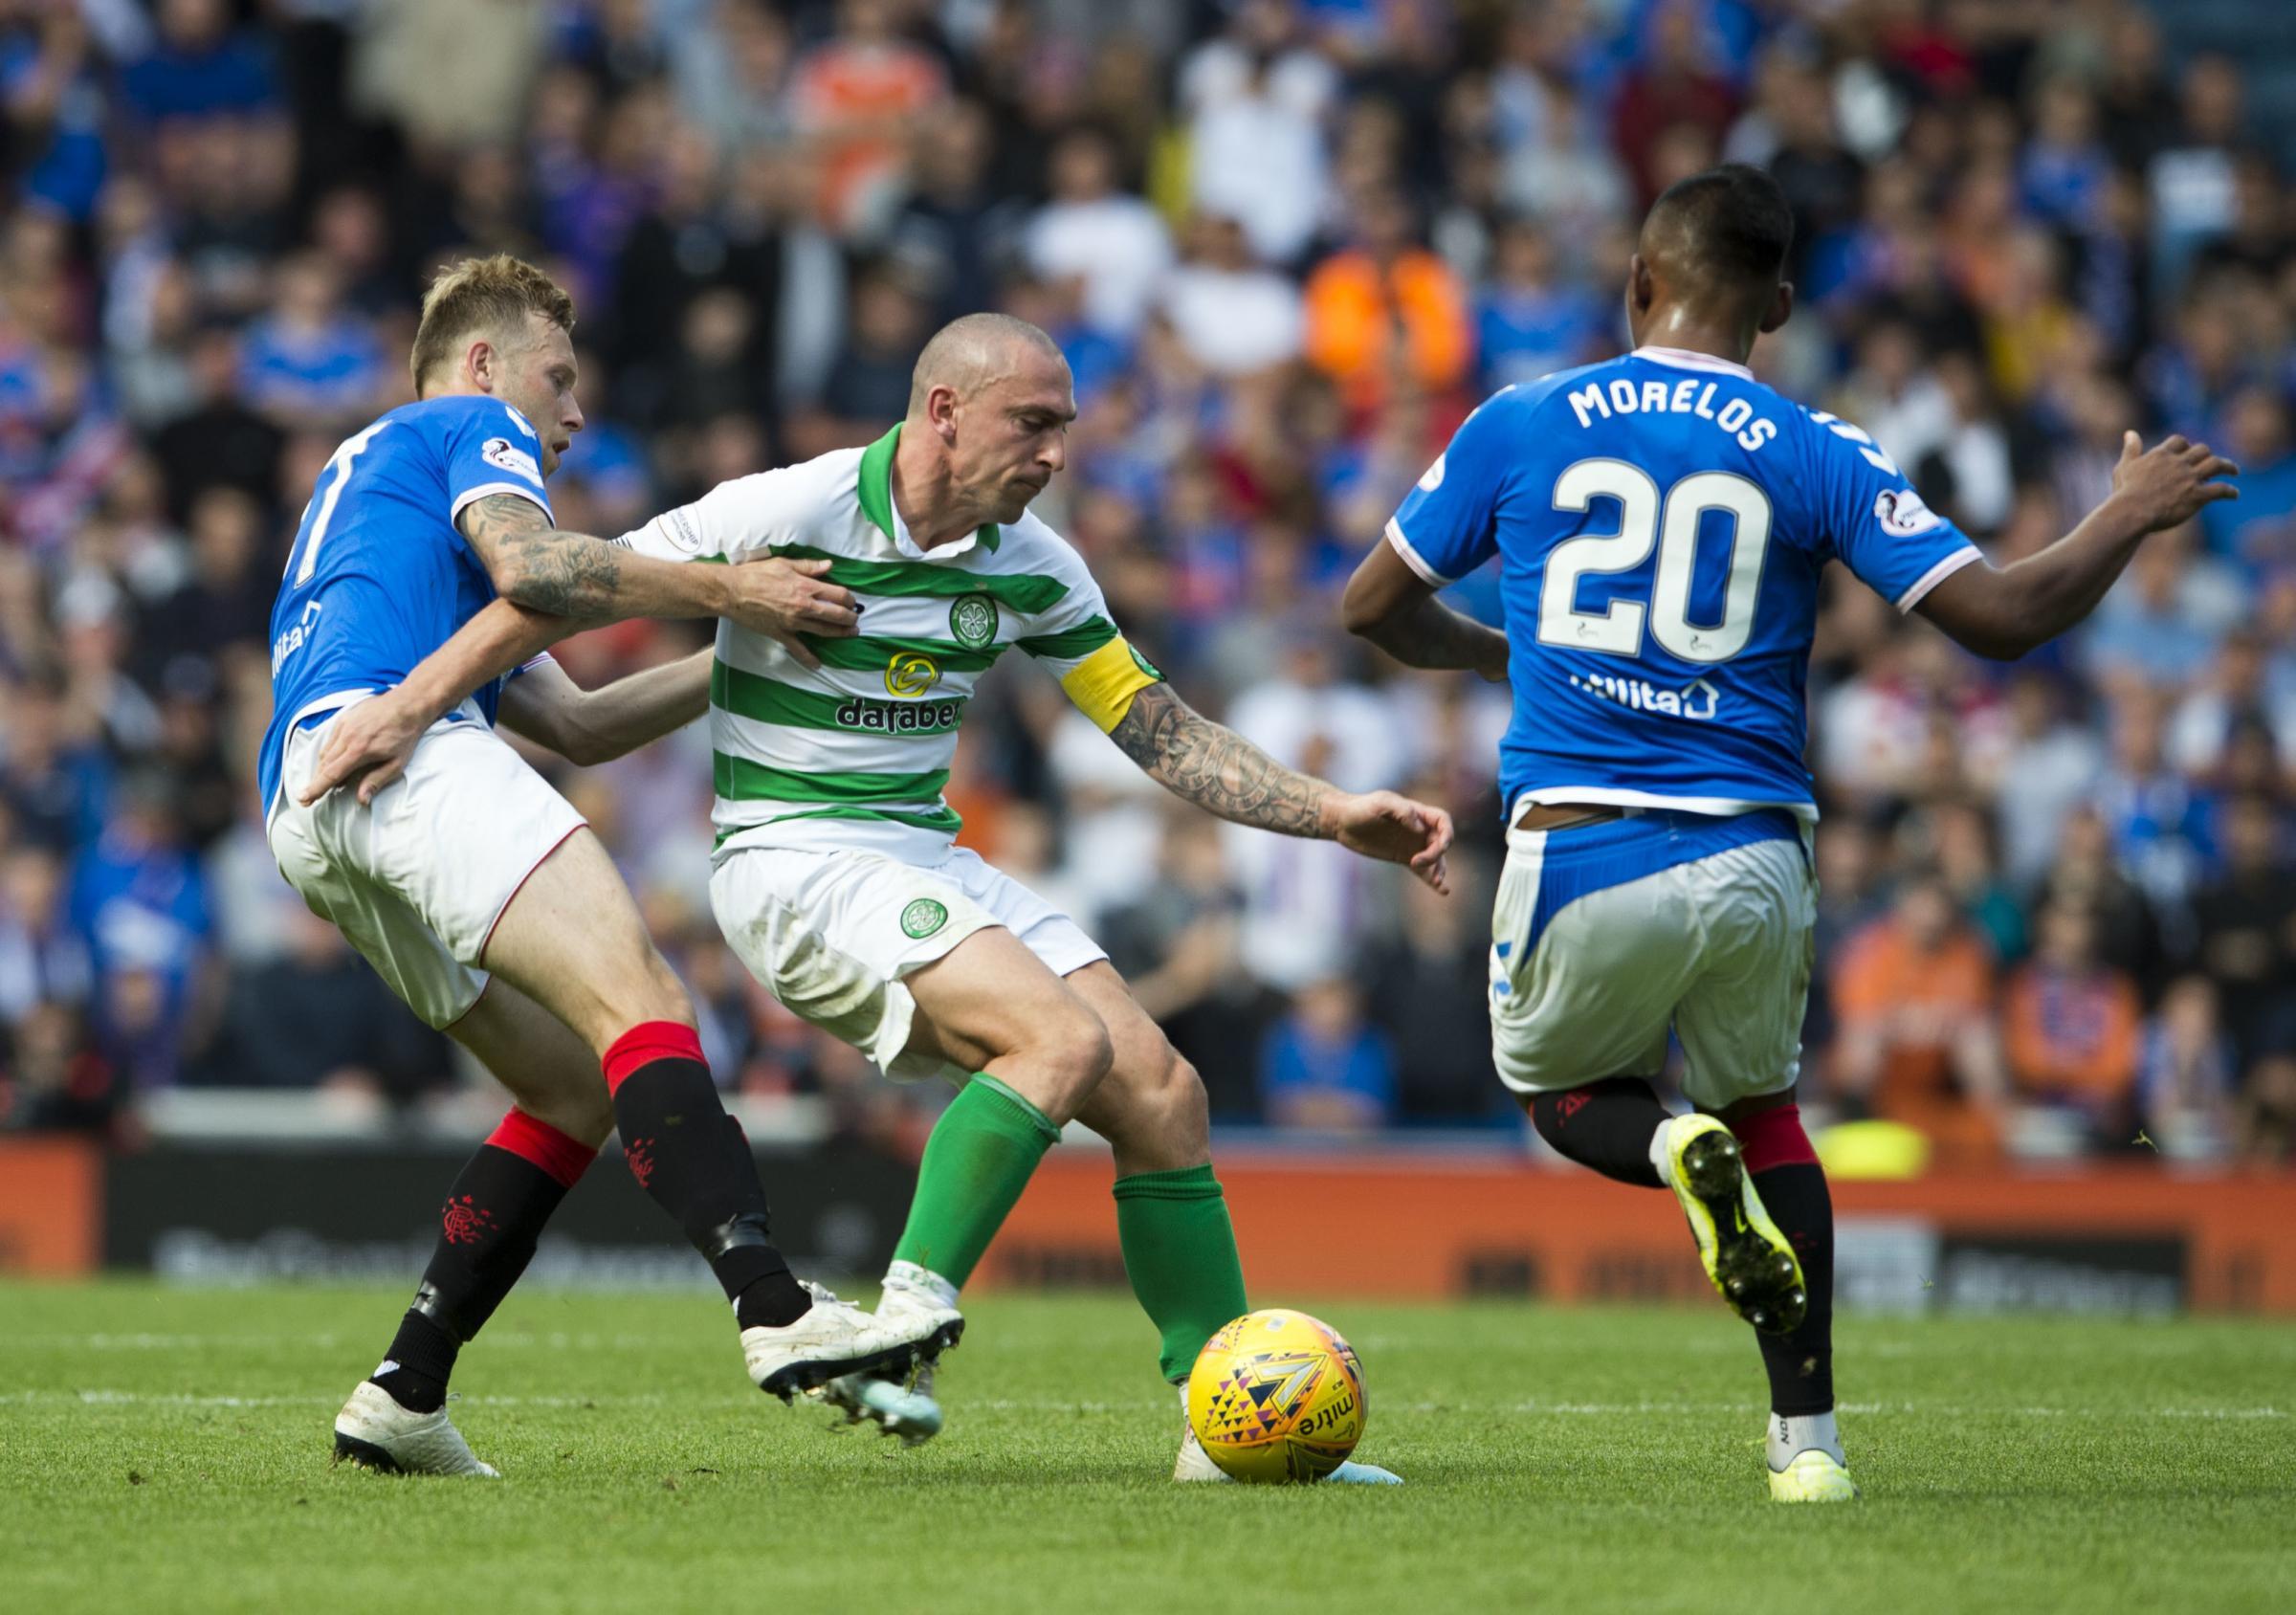 Celtic vs Rangers and Hearts vs Hibs fixture dates confirmed